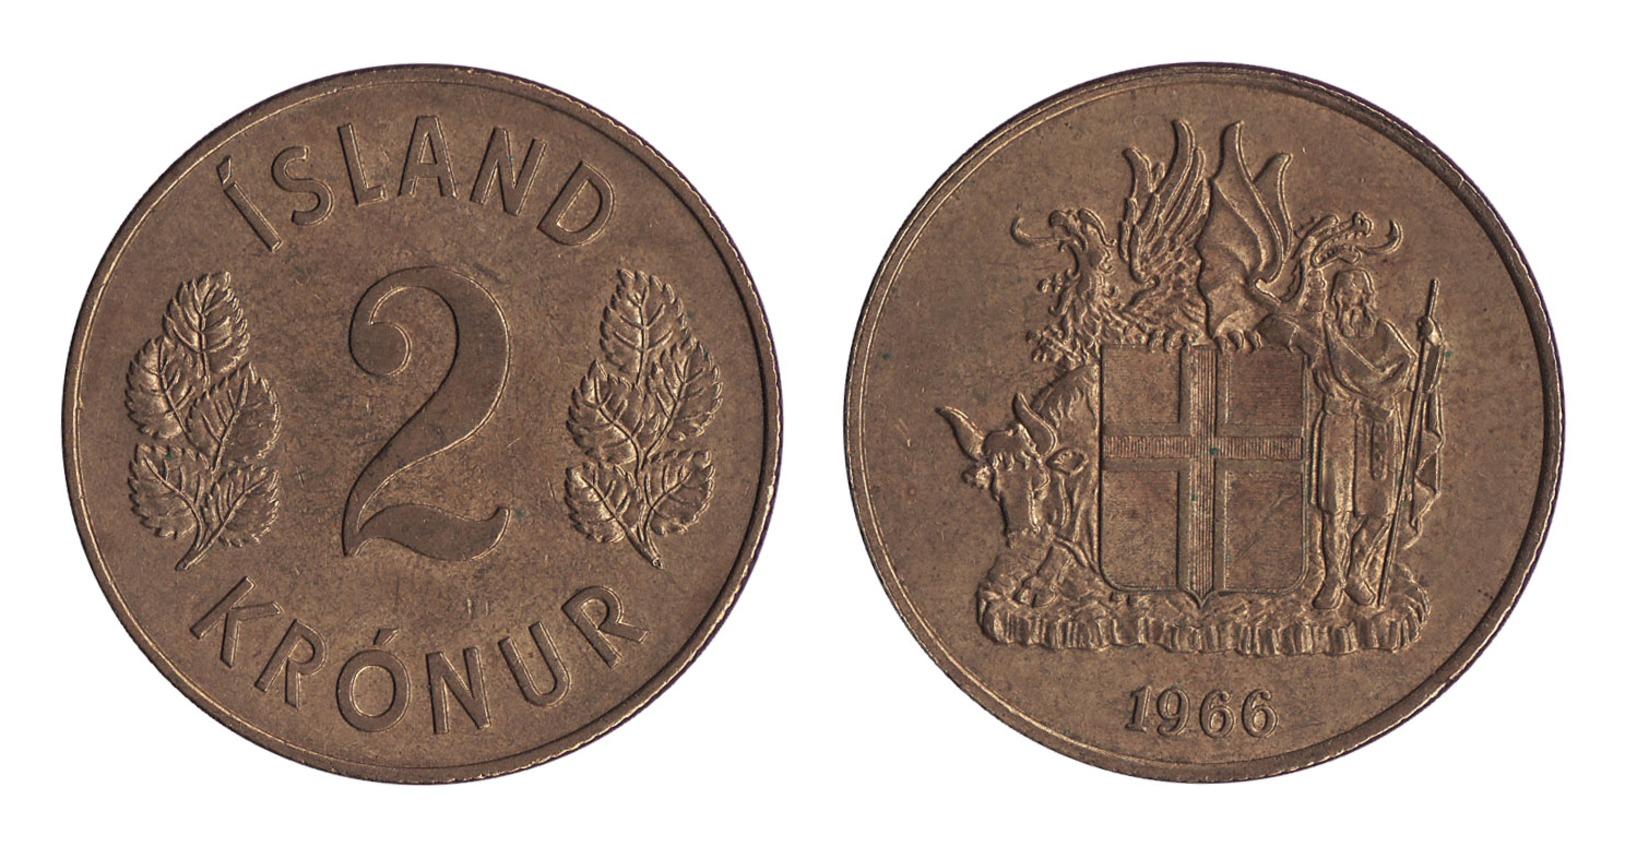 Iceland / 1966 / 2 Kronur / KM 13a.1 / XF - Islandia